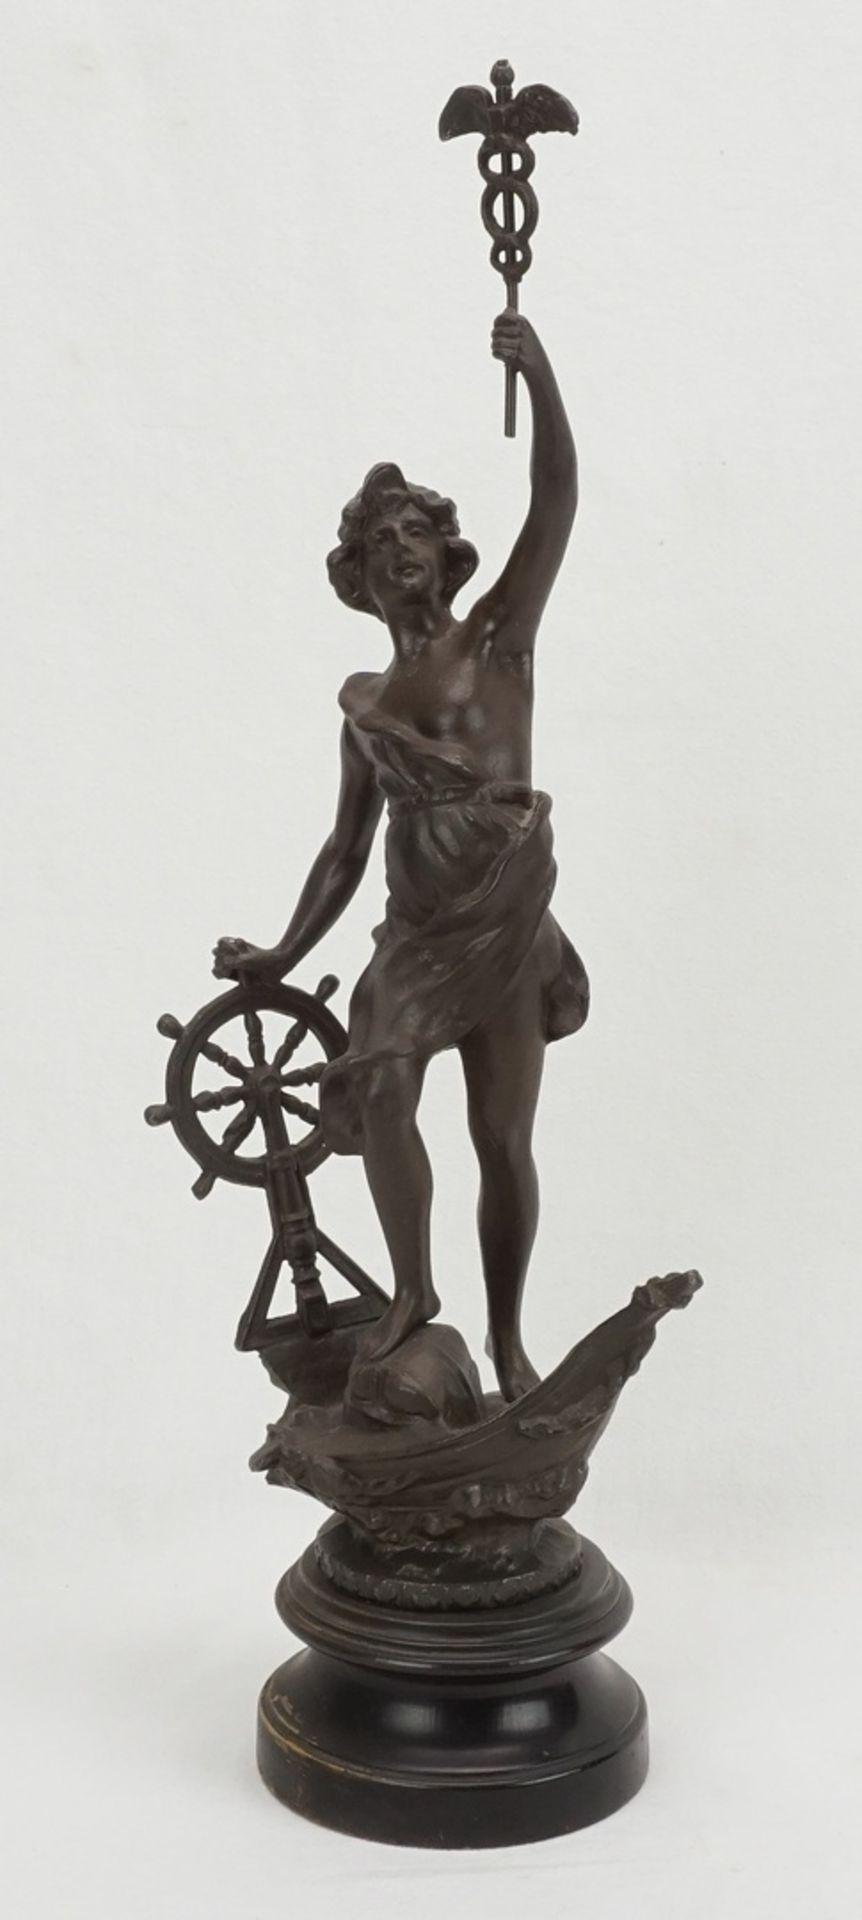 Zwei allegorische Figuren, für Handwerk und Wirtschaft & Handel - Bild 4 aus 5